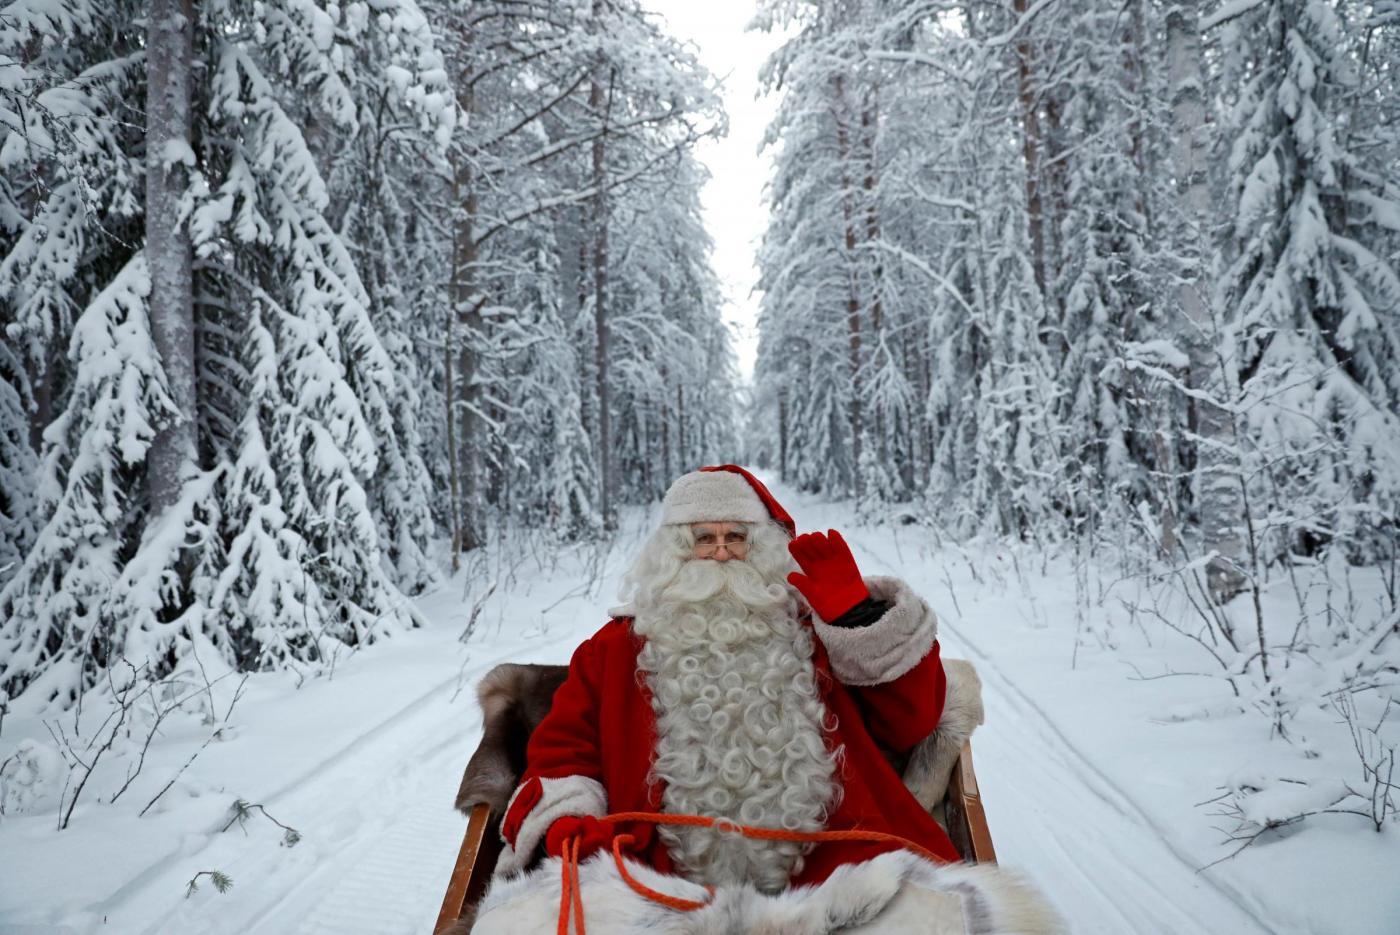 Storia Di San Nicola E Babbo Natale.6 Dicembre 2017 San Nicola E La Leggenda Di Babbo Natale